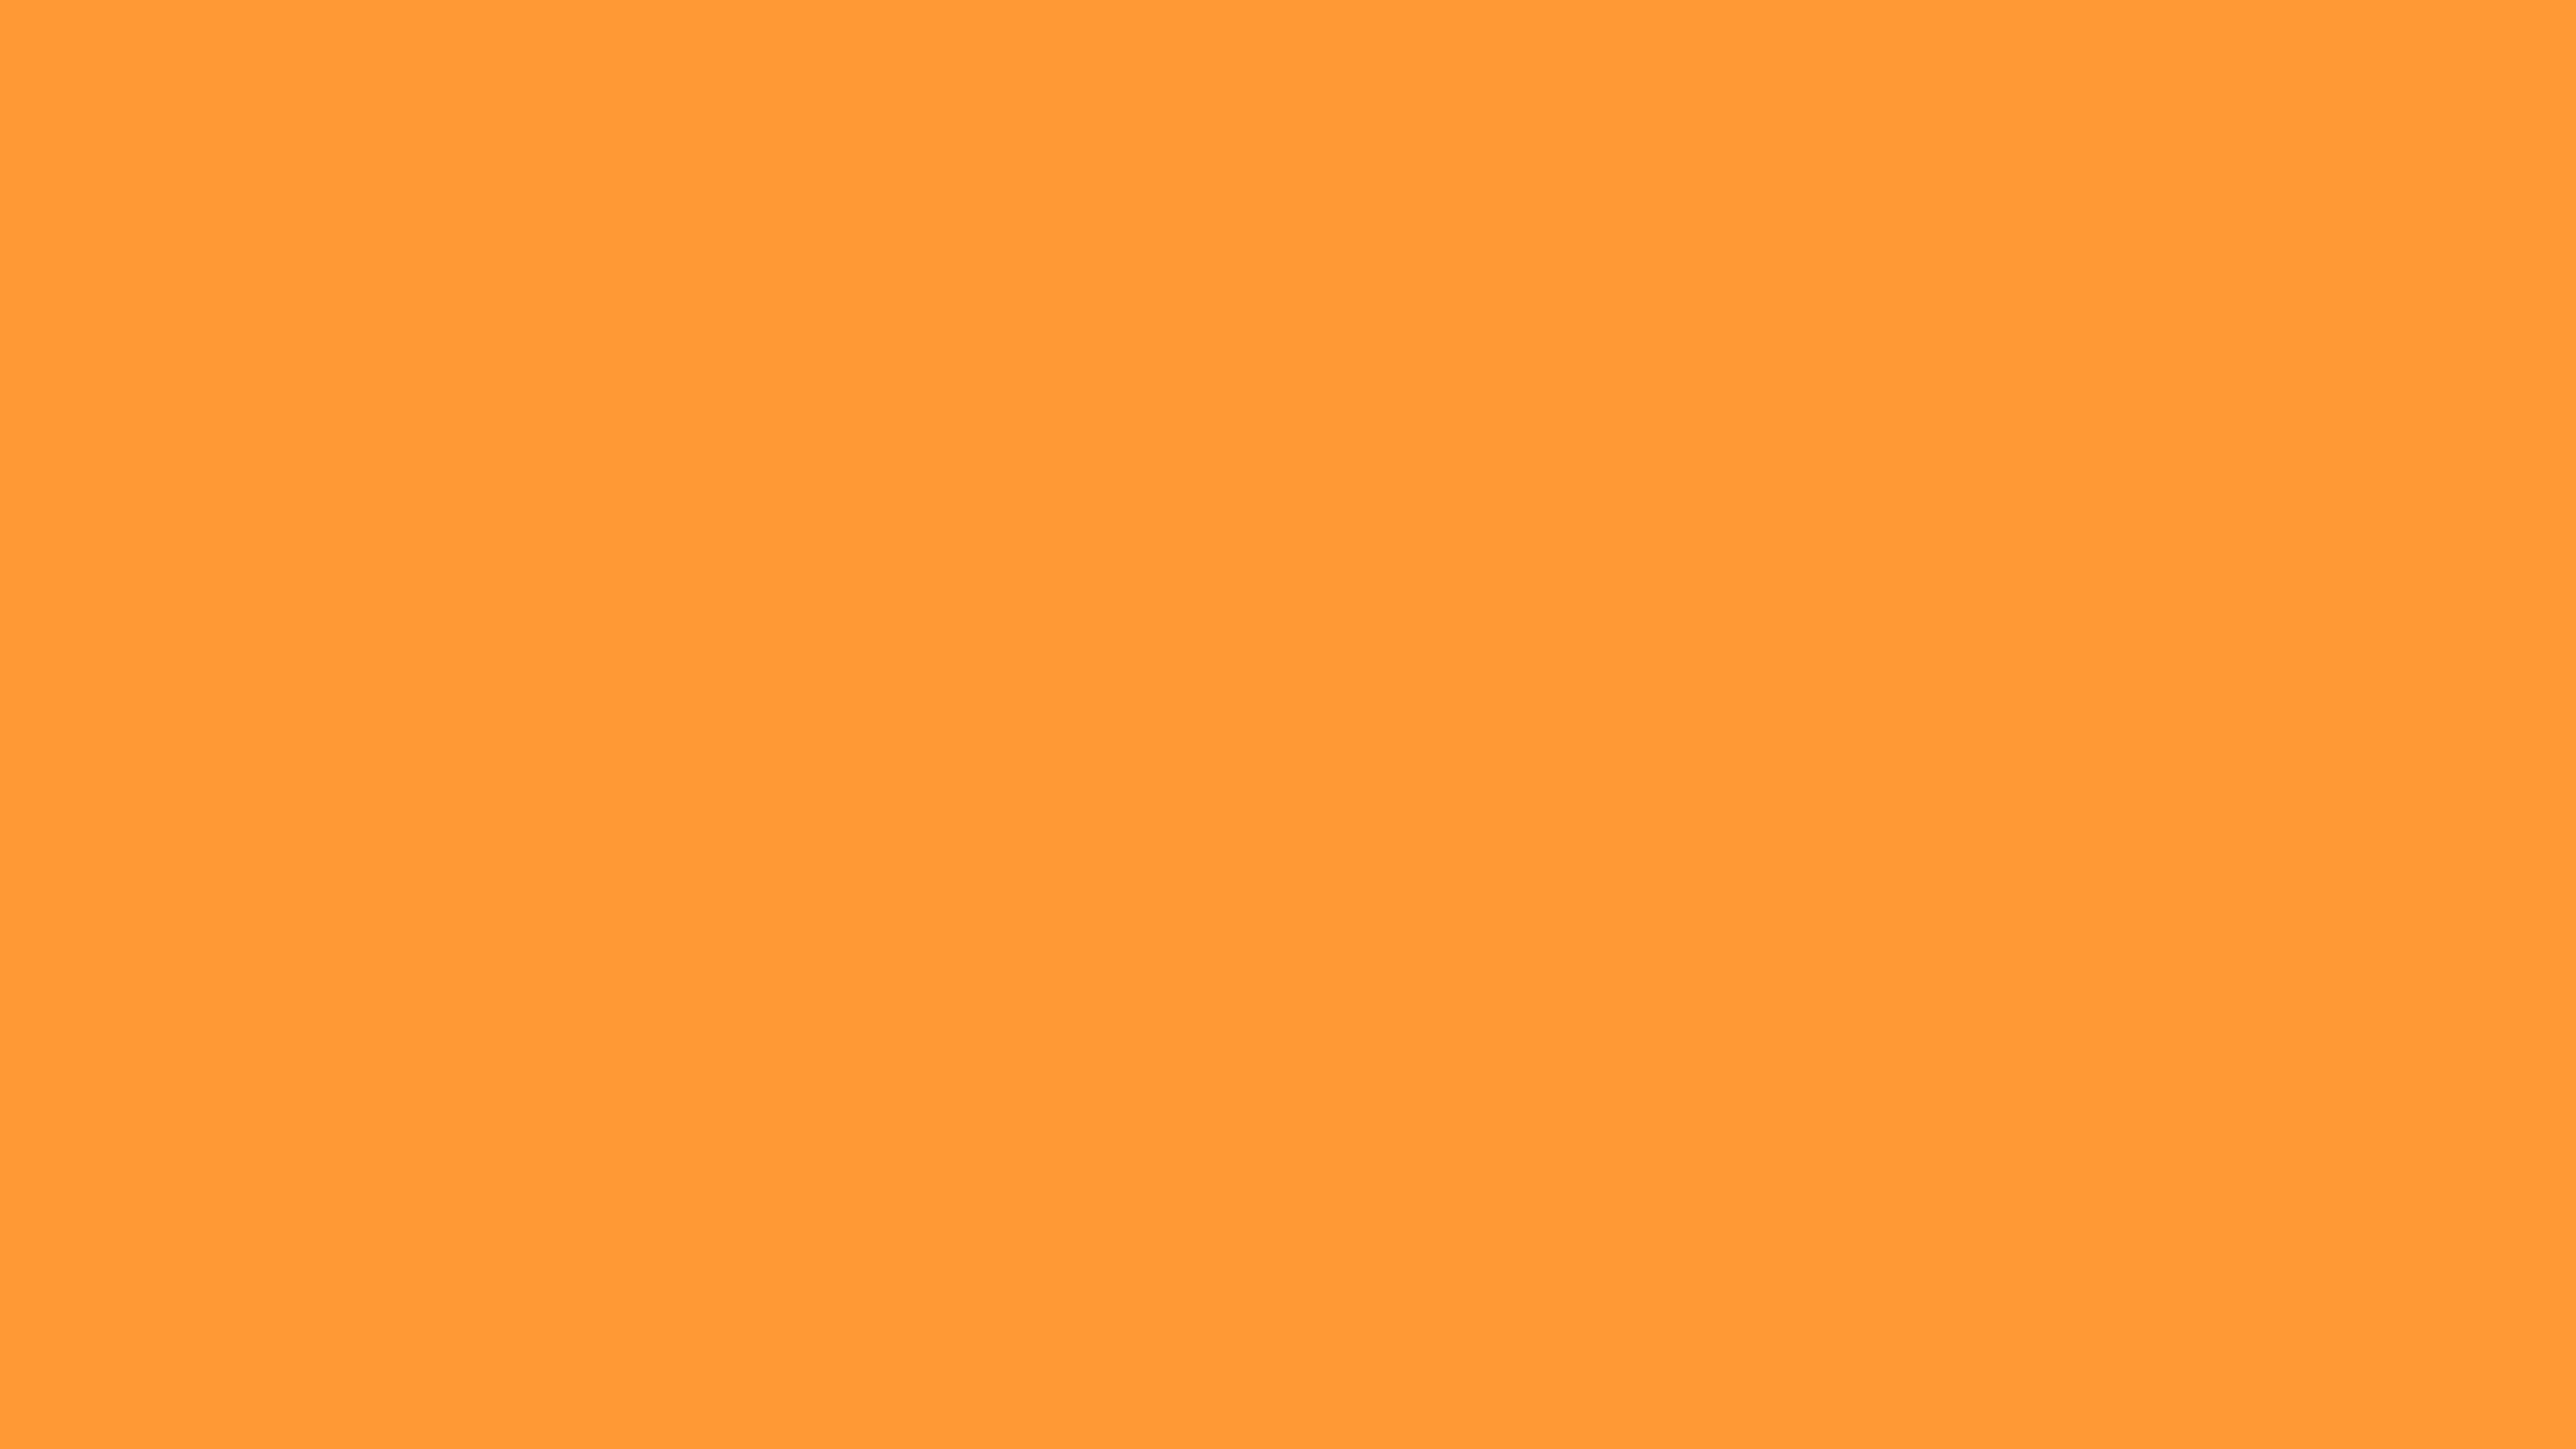 5120x2880 Deep Saffron Solid Color Background